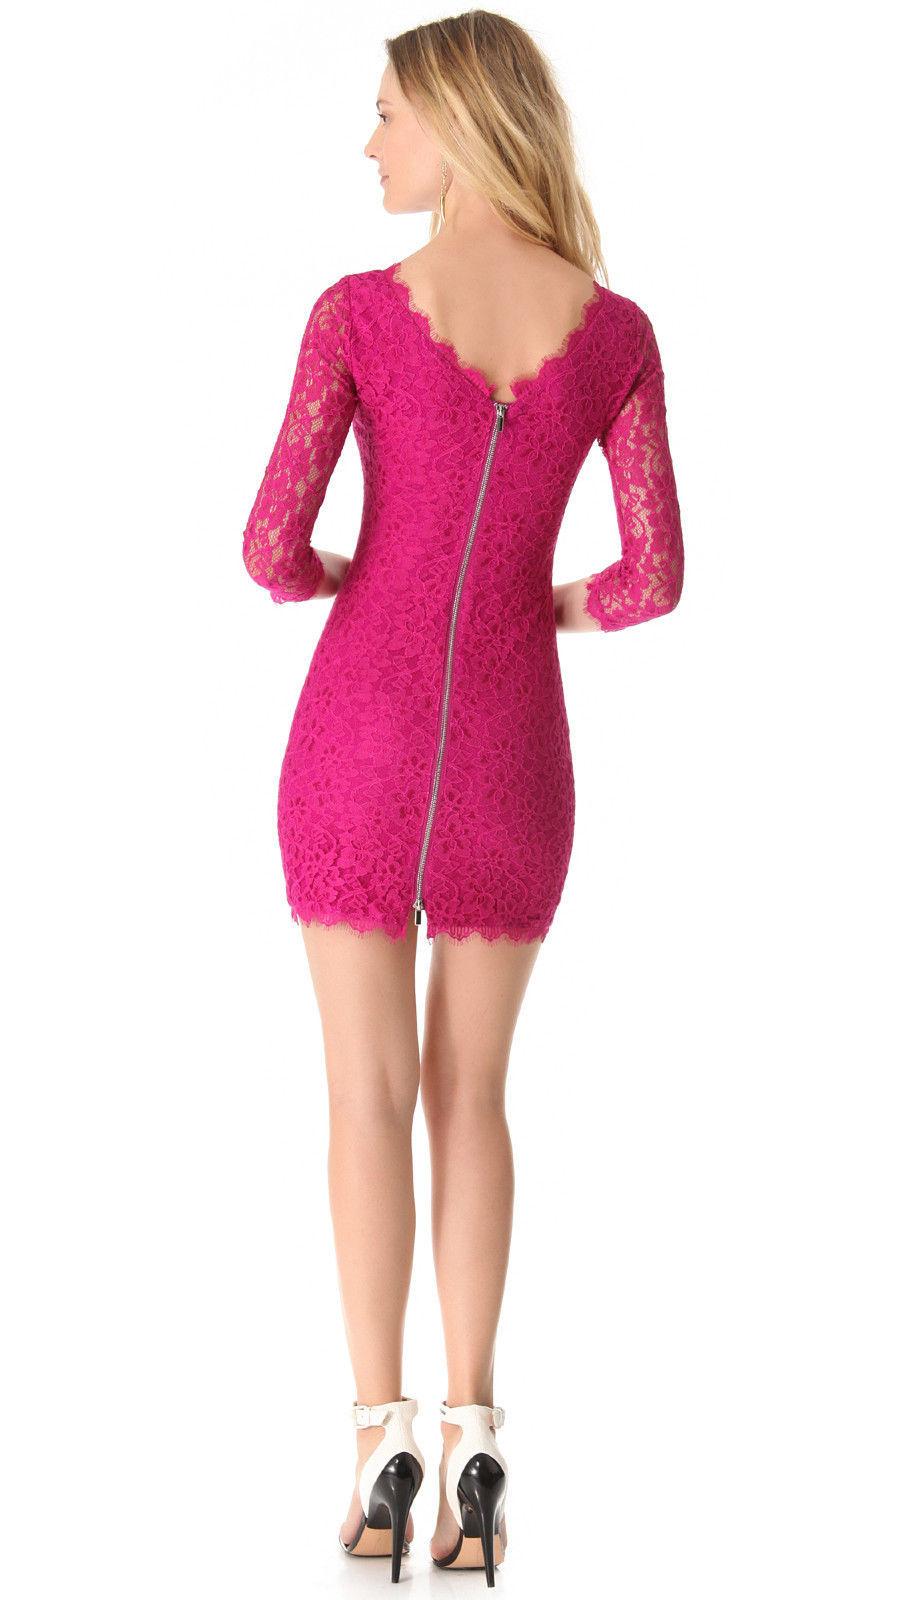 Diane von Furstenberg Zarita Lace Dress in Gardenia size 8